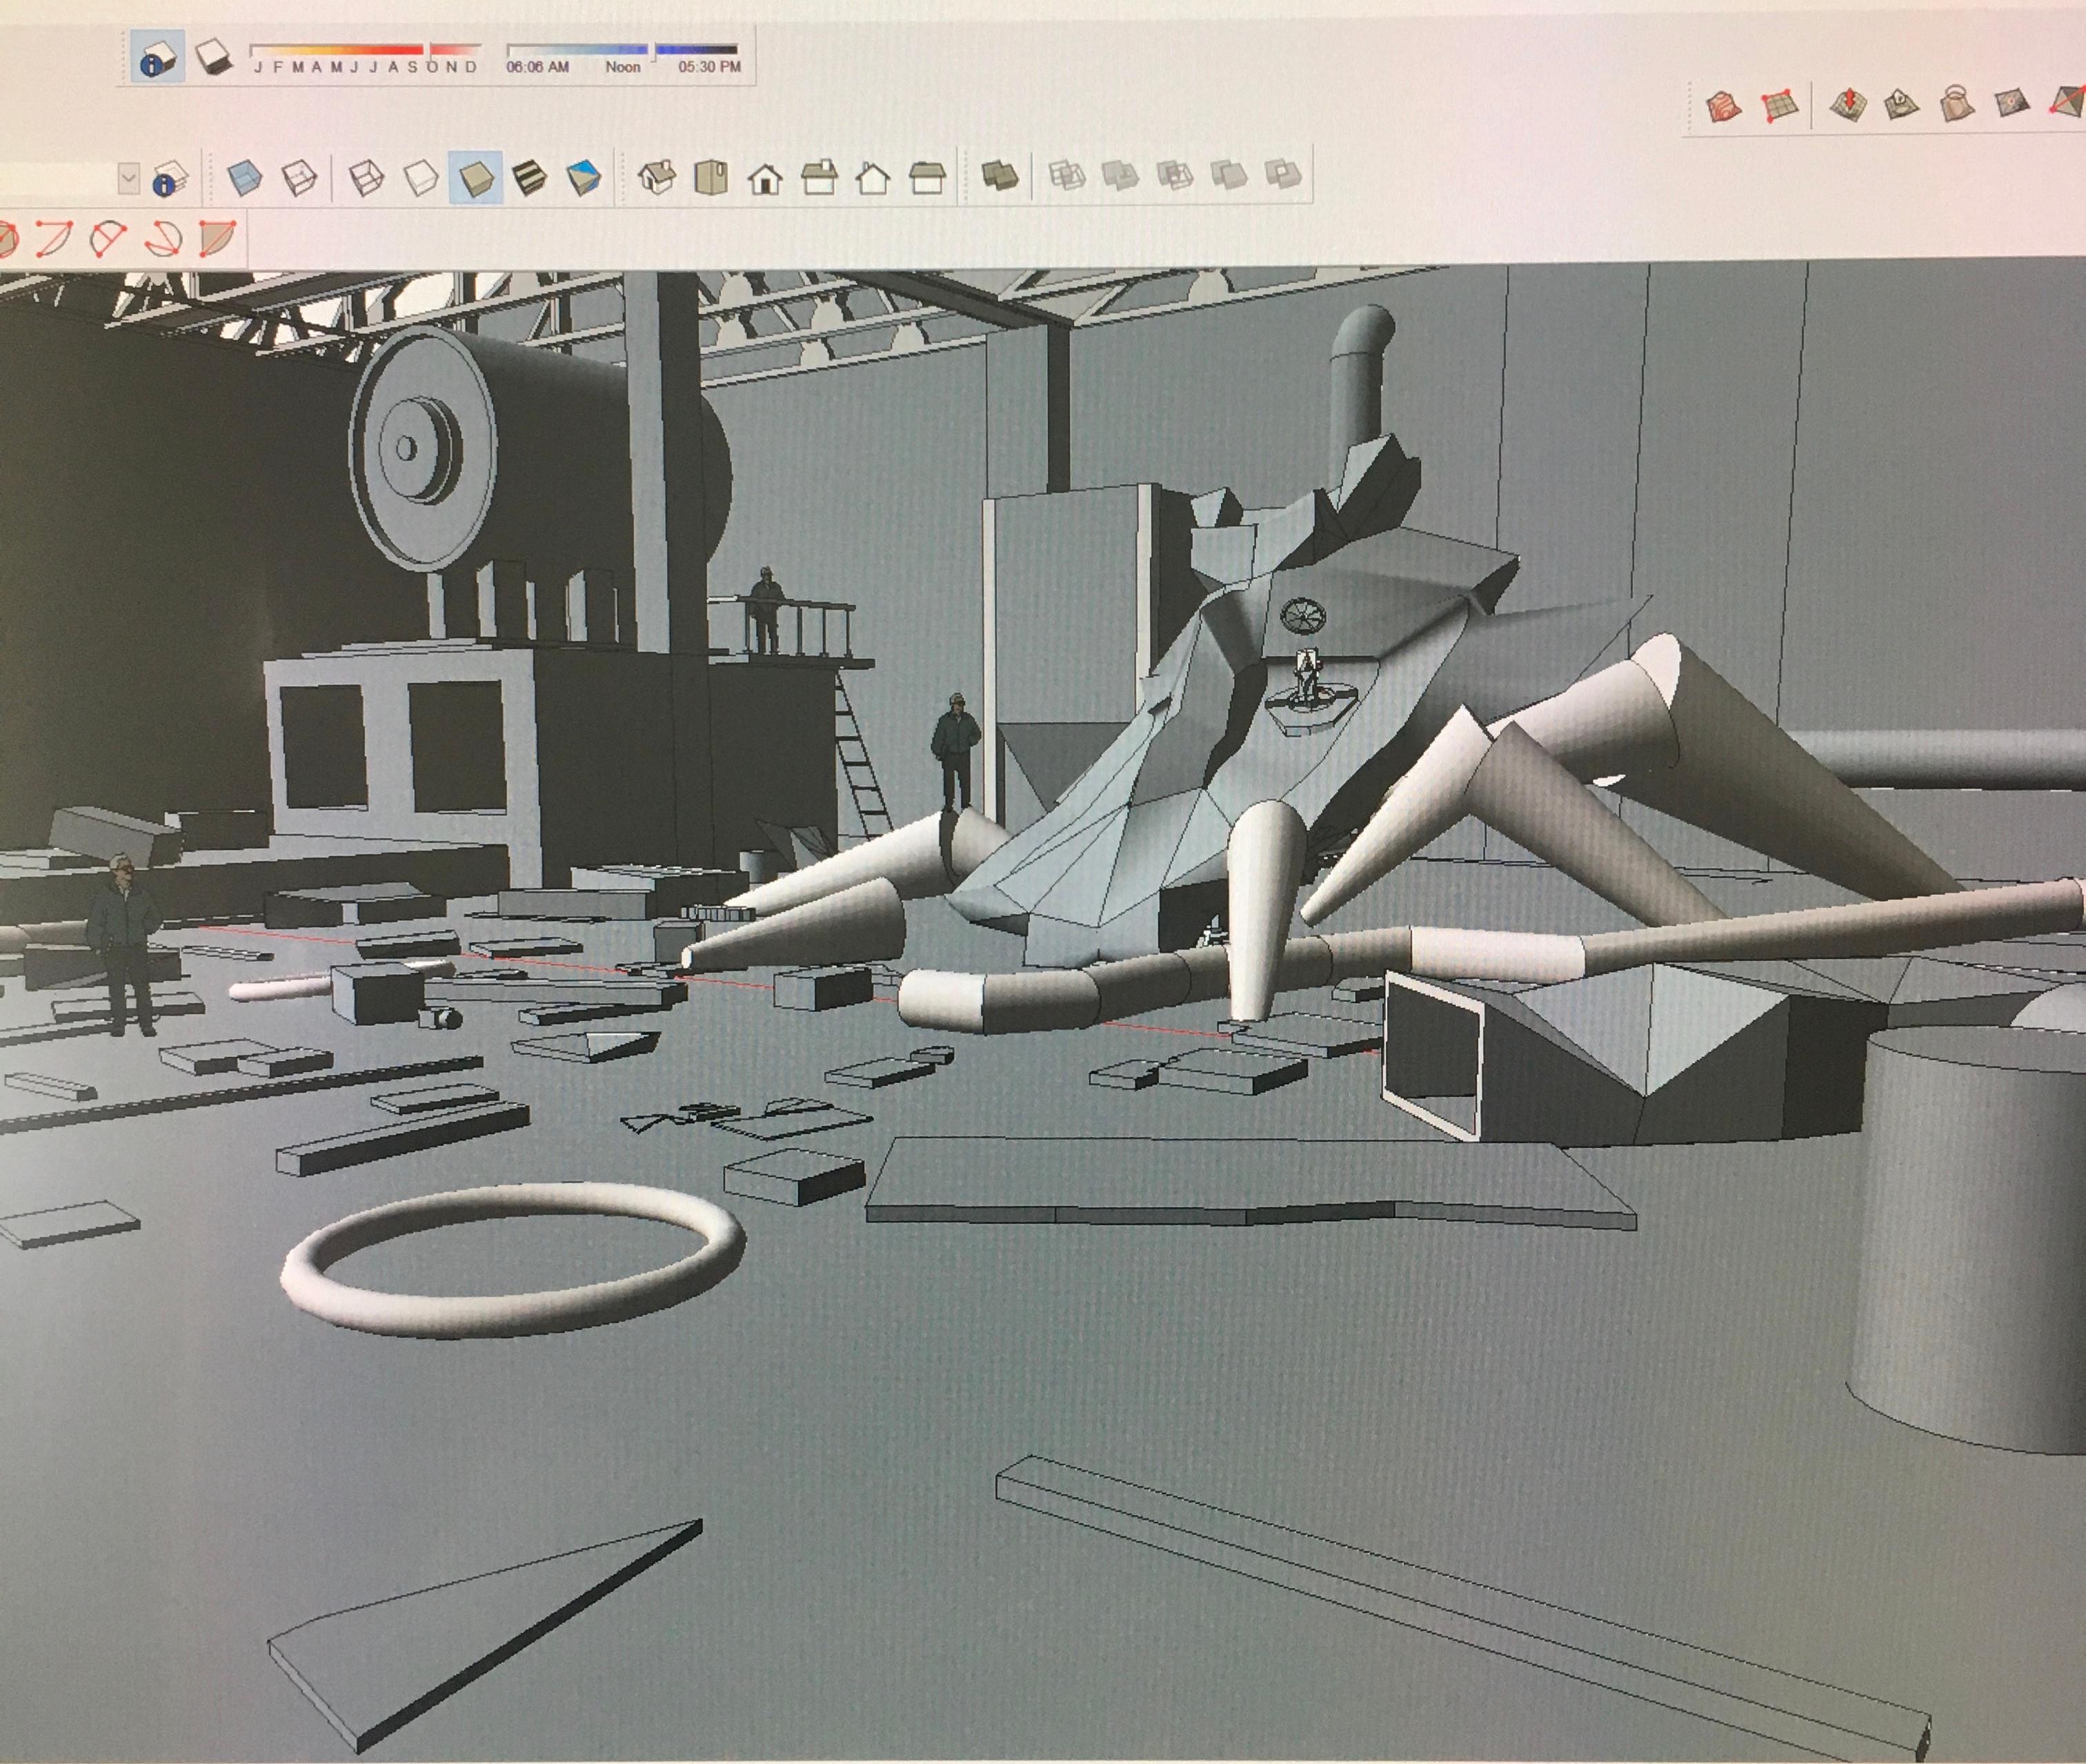 Details on basic model